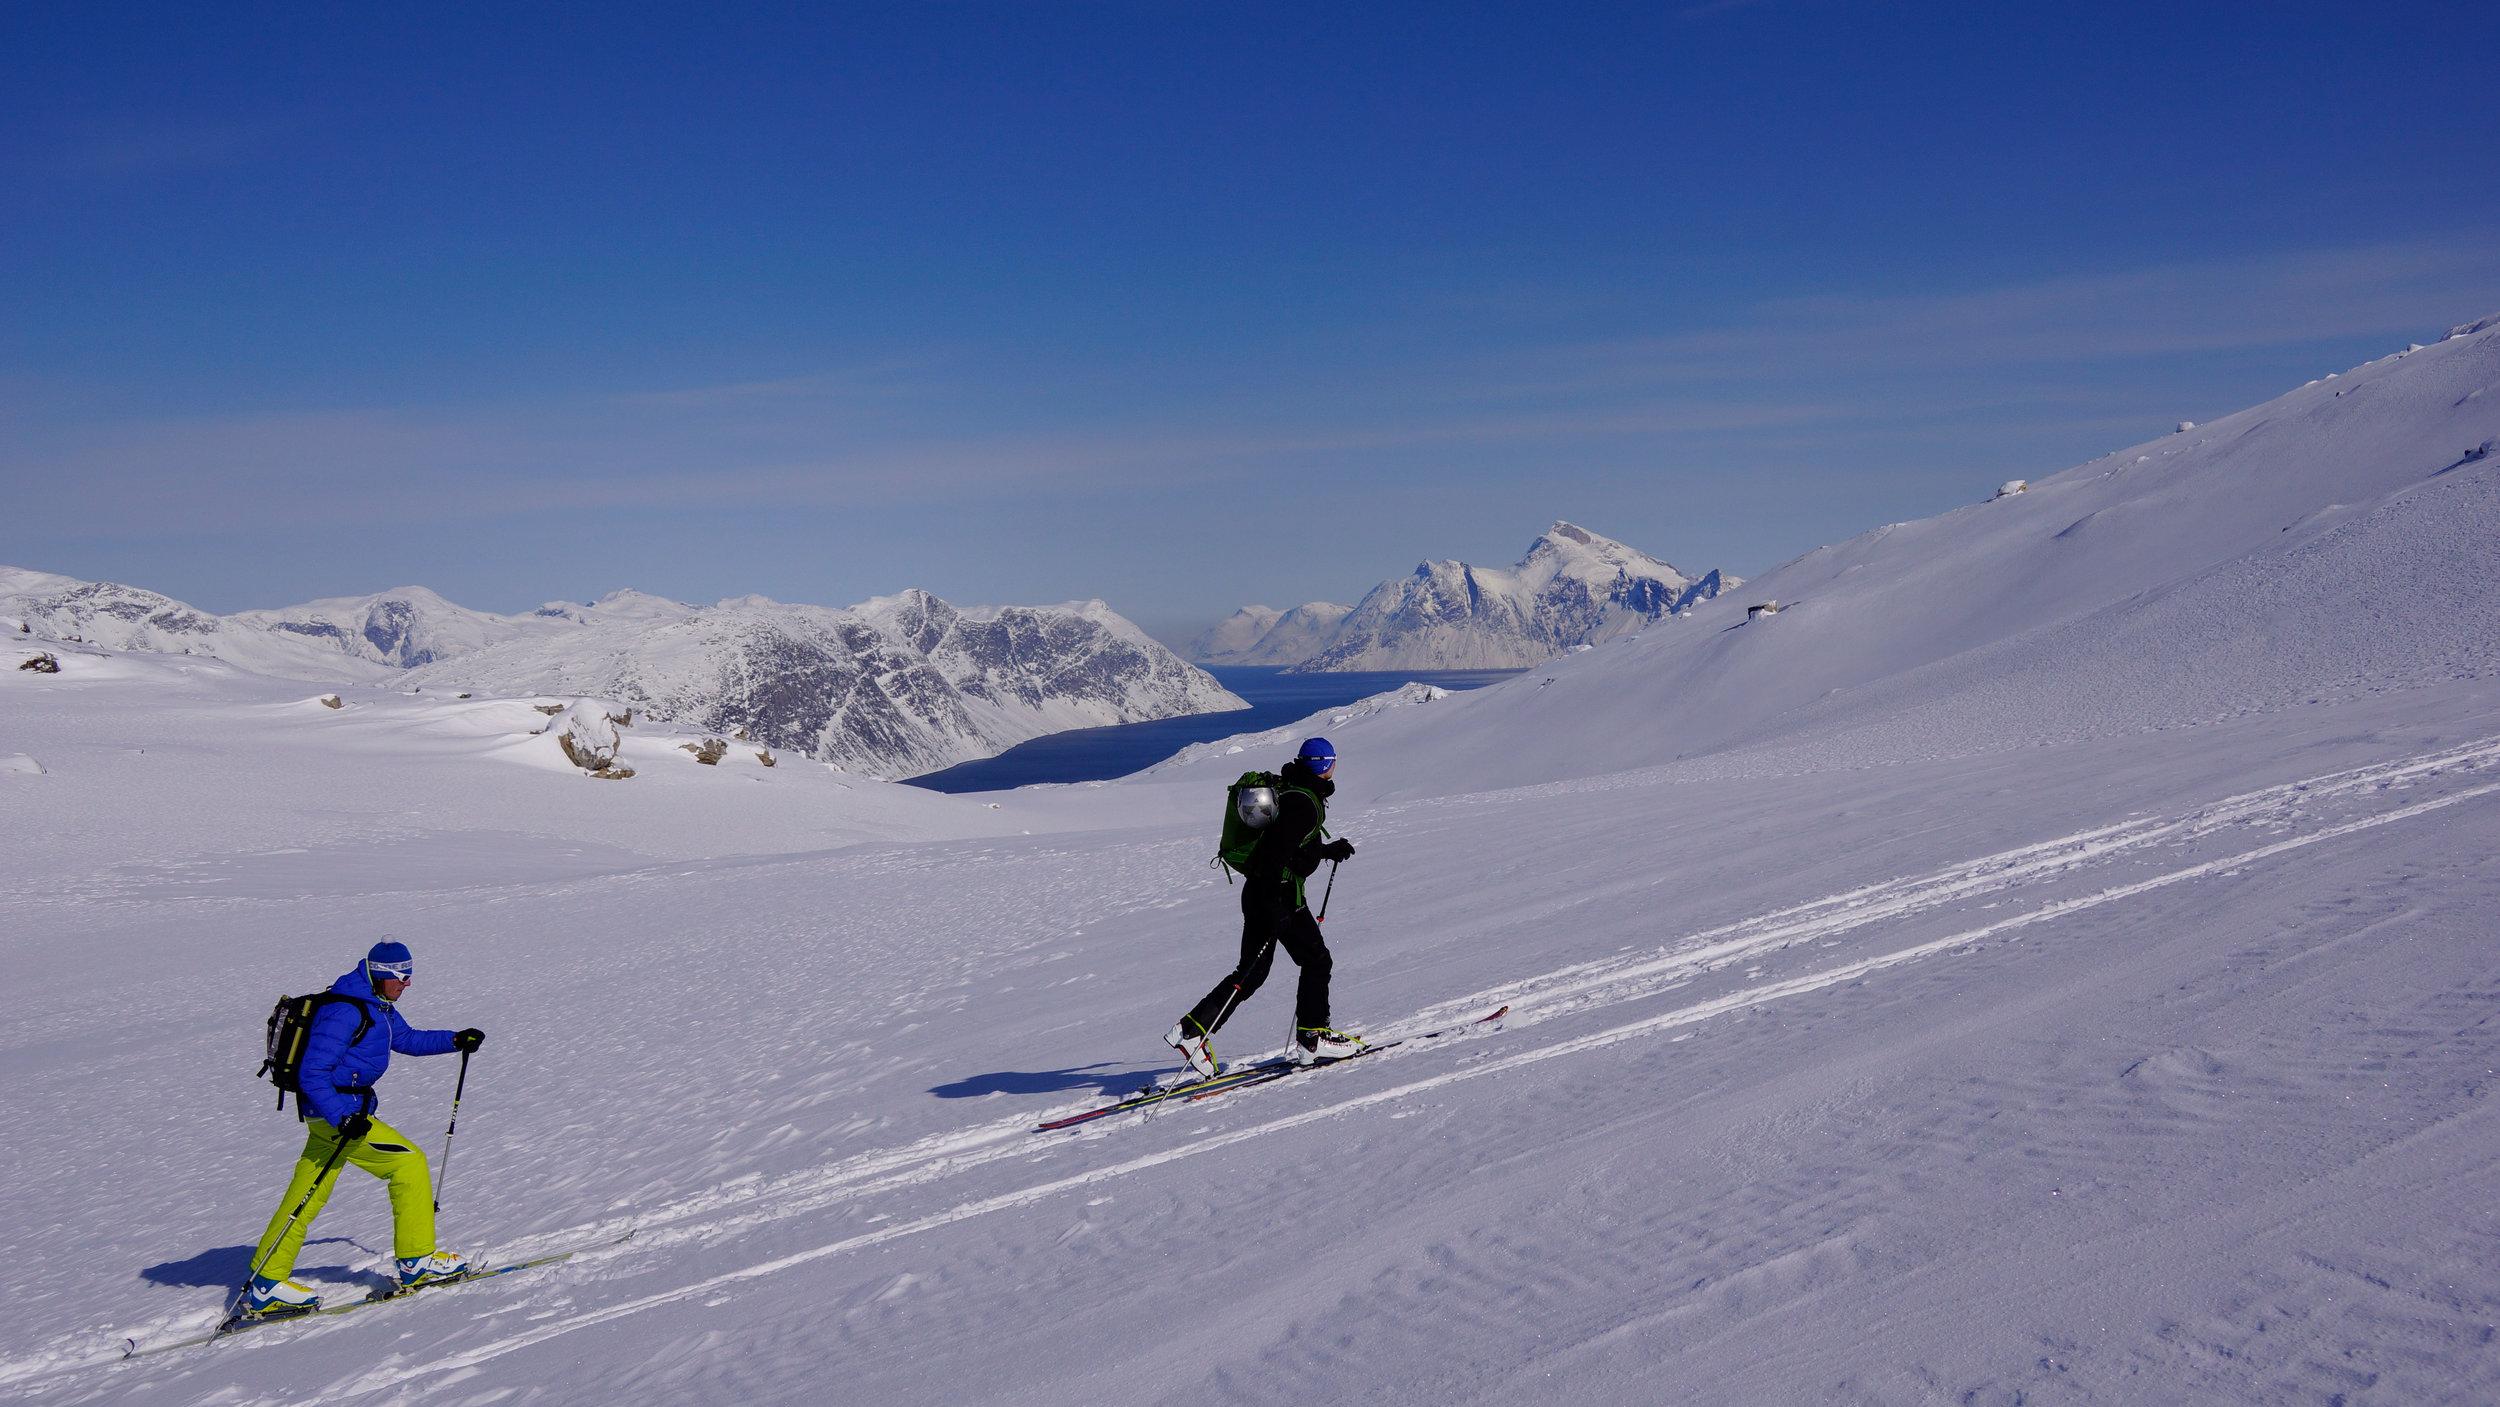 Ski-Mountaineering_Markus-Amon.jpg